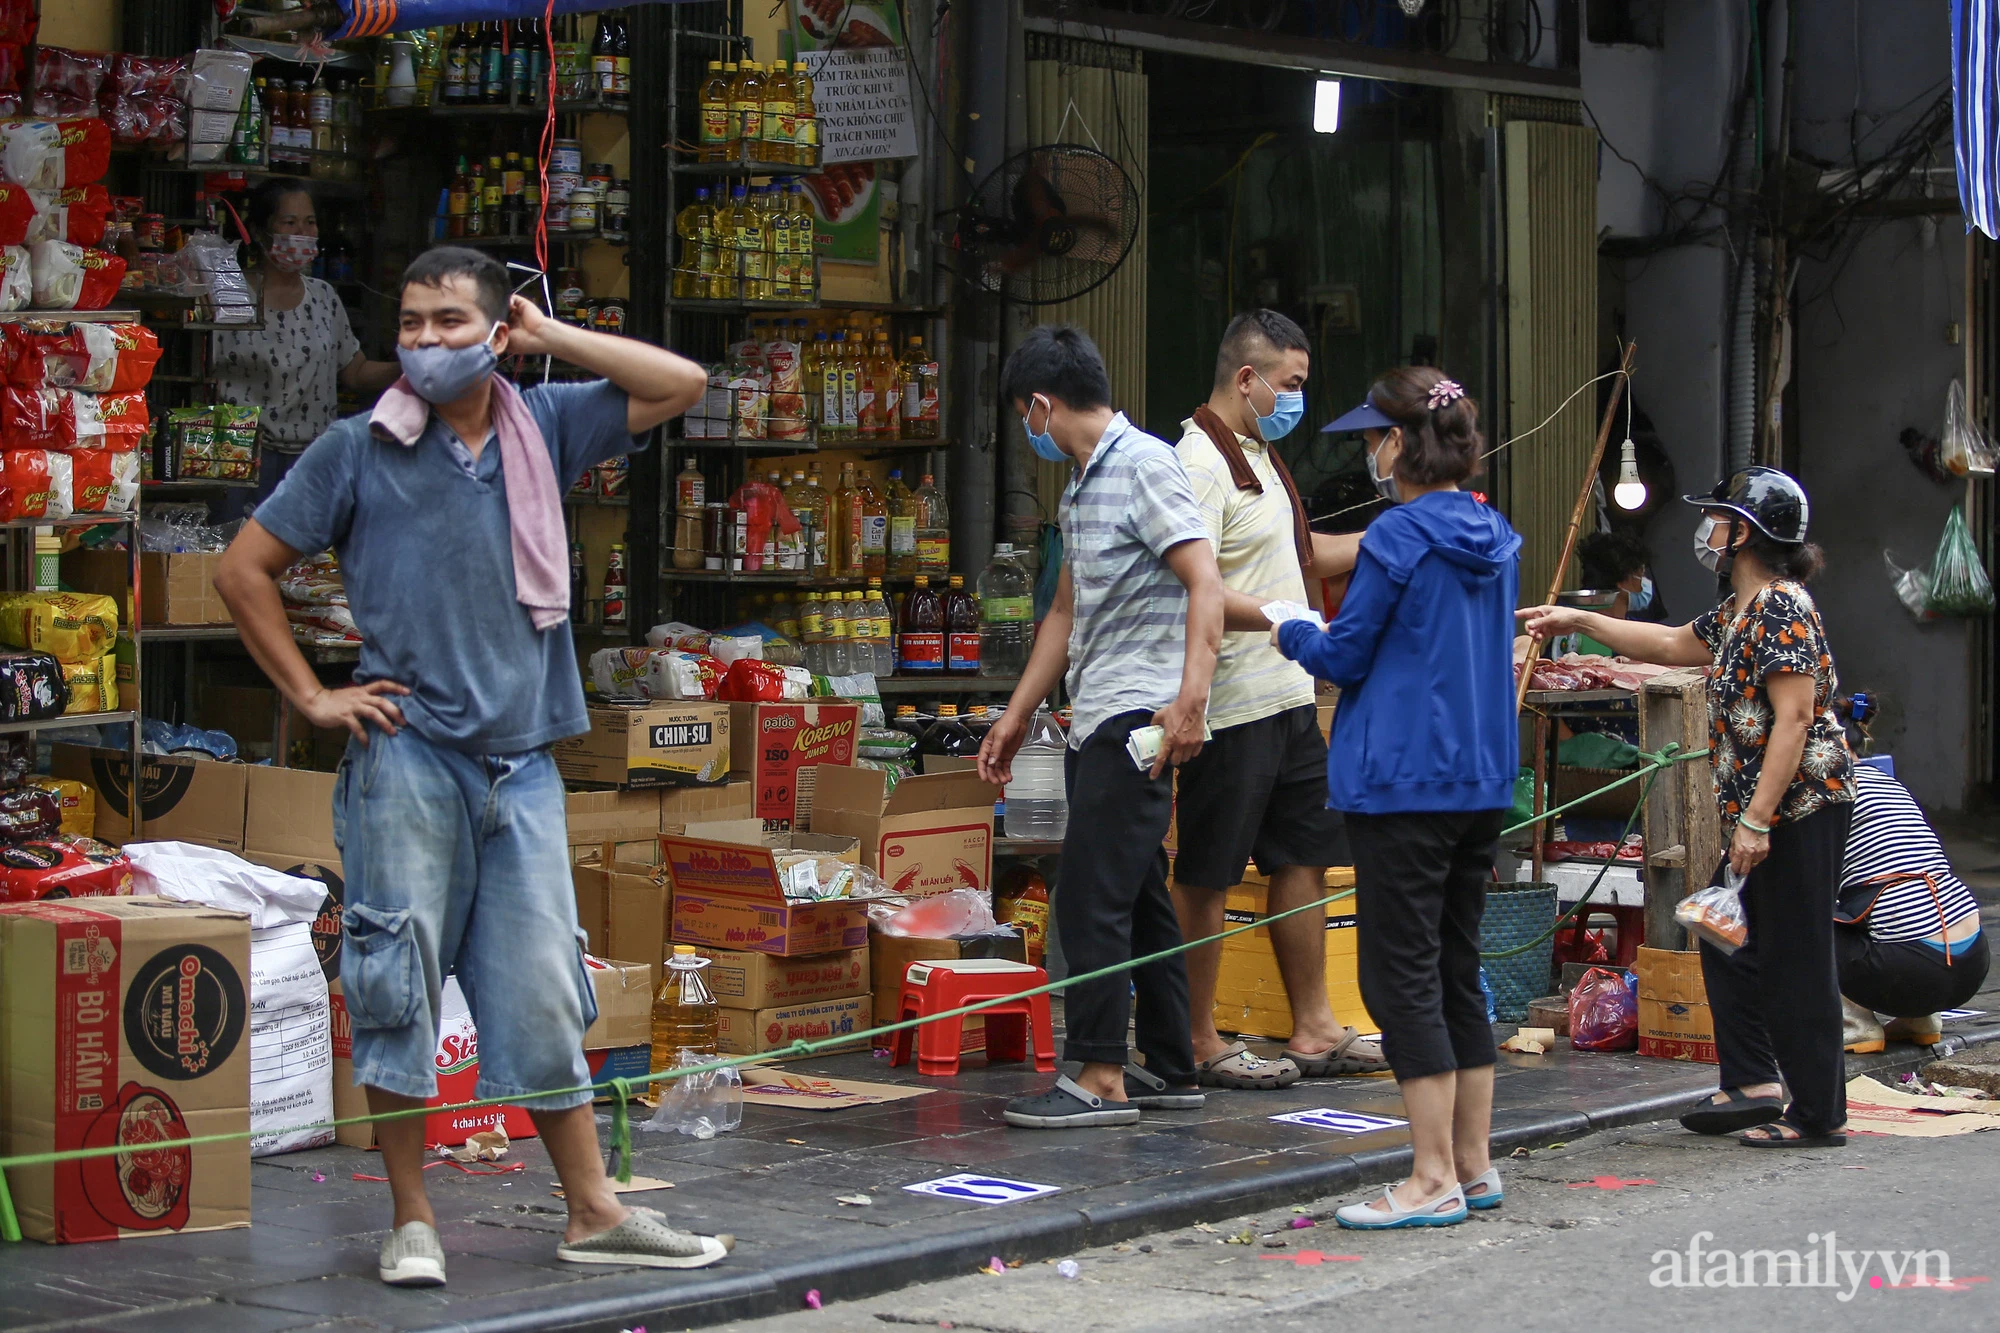 Ngày đầu giãn cách theo Chỉ thị 16, khu chợ ở Hà Nội kẻ vạch cách nhau 2 m, người mua kẻ bán tuy xa mặt nhưng không cách lòng - Ảnh 5.